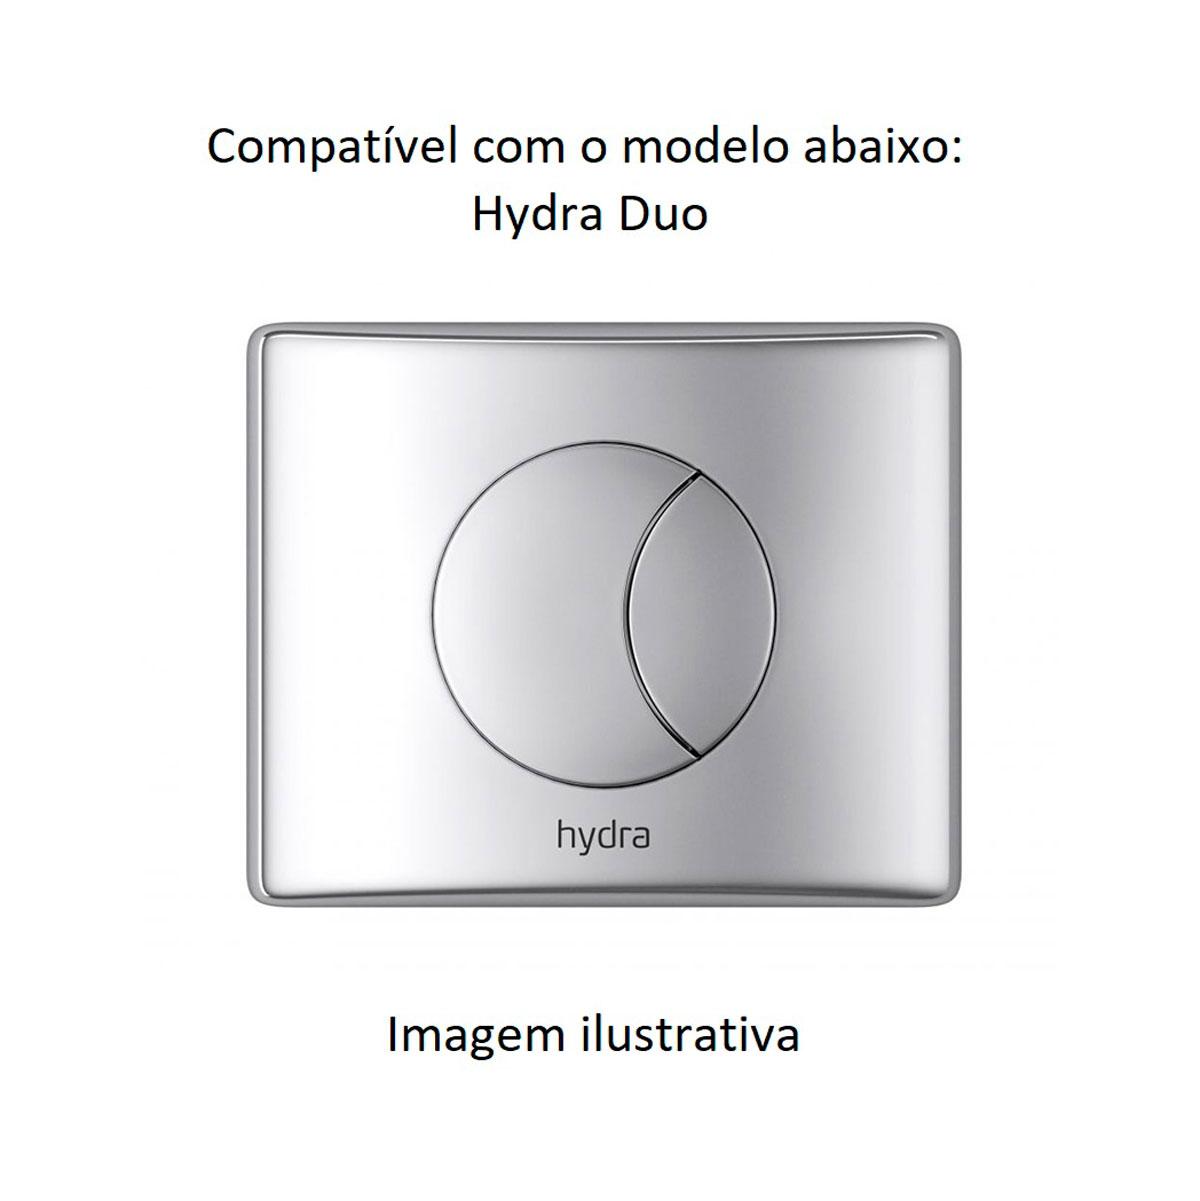 Reparo Válvula Descarga Hydra Duo 1.1/2 Original